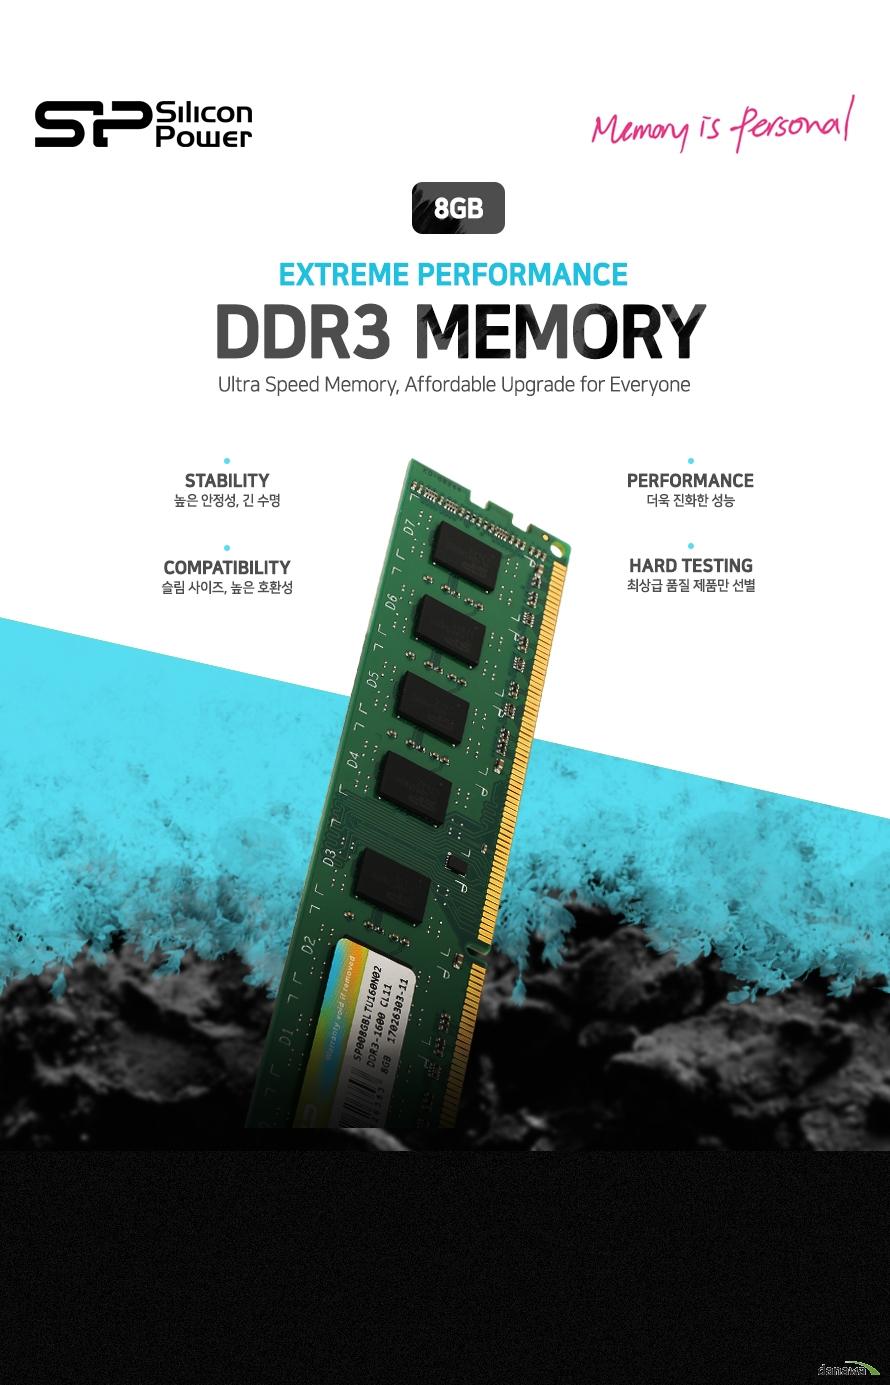 실리콘 파워 DDR3 메모리 8기가바이트    익스트림 퍼포먼스        높은 안정성과 긴 수명    슬림 사이즈와 높은 호환성    더욱 진화한 성능    최상급 품질 제품만 선별